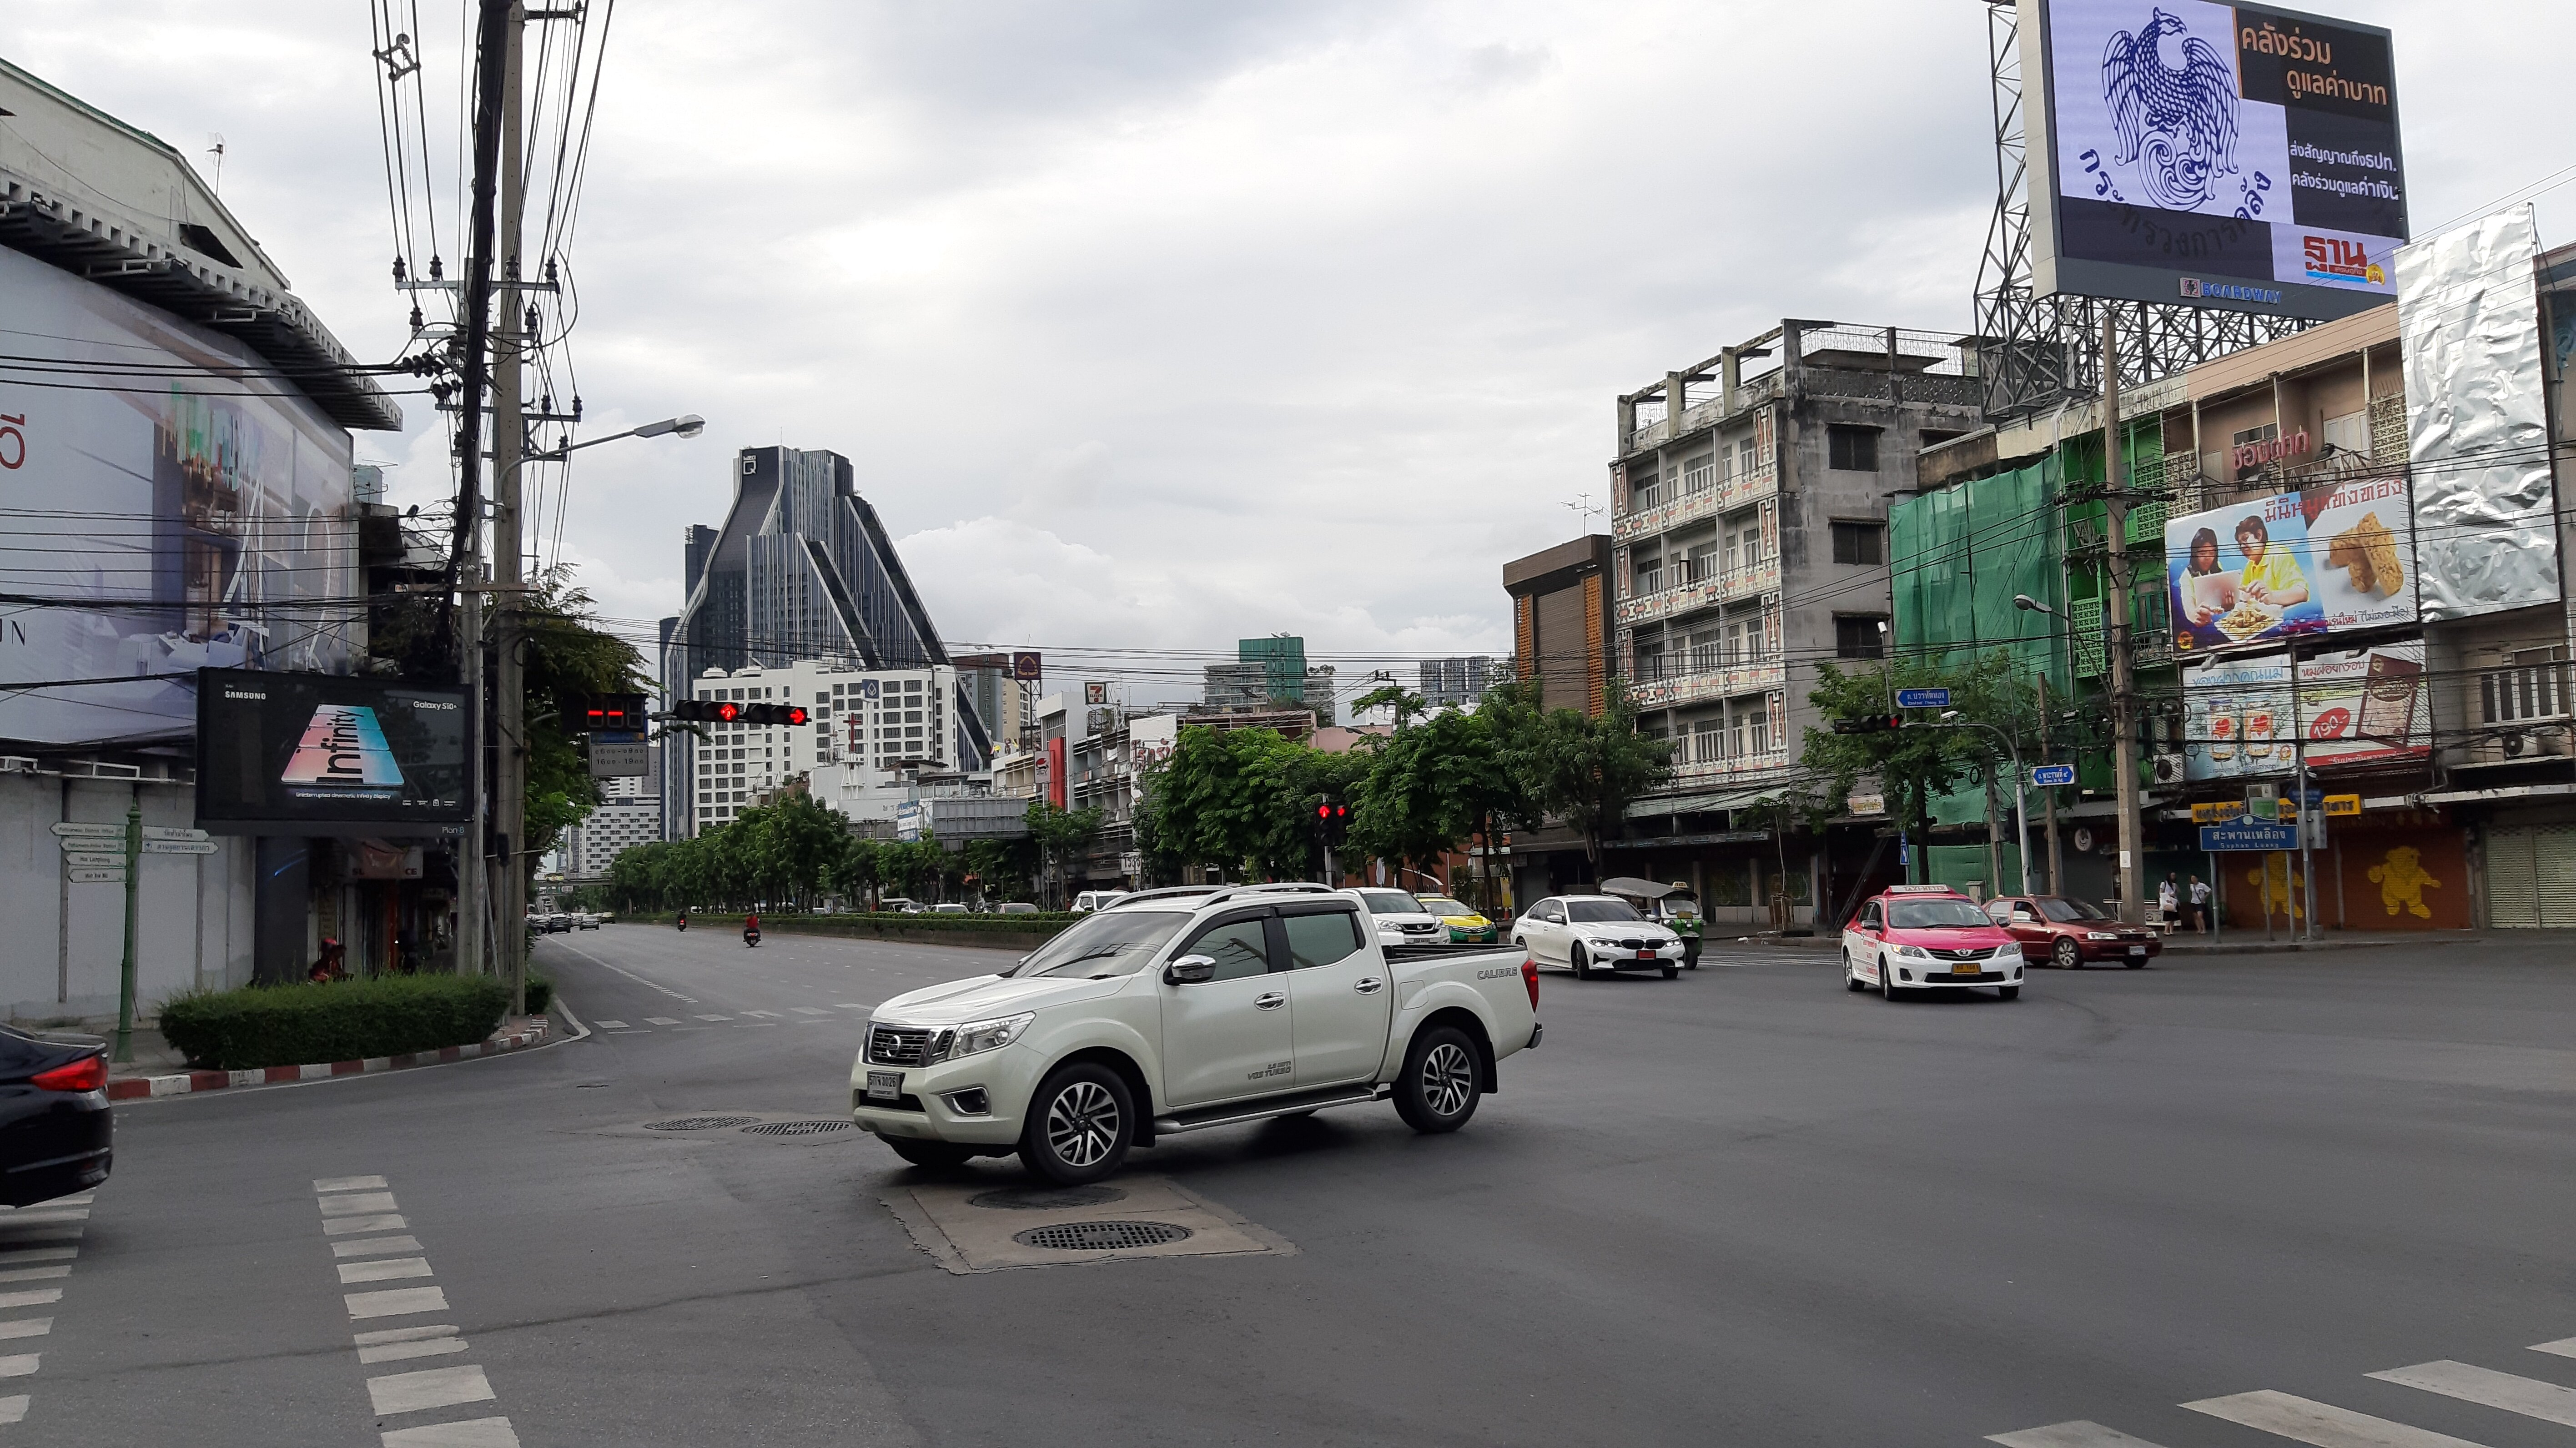 Crossroad in Bangkok.